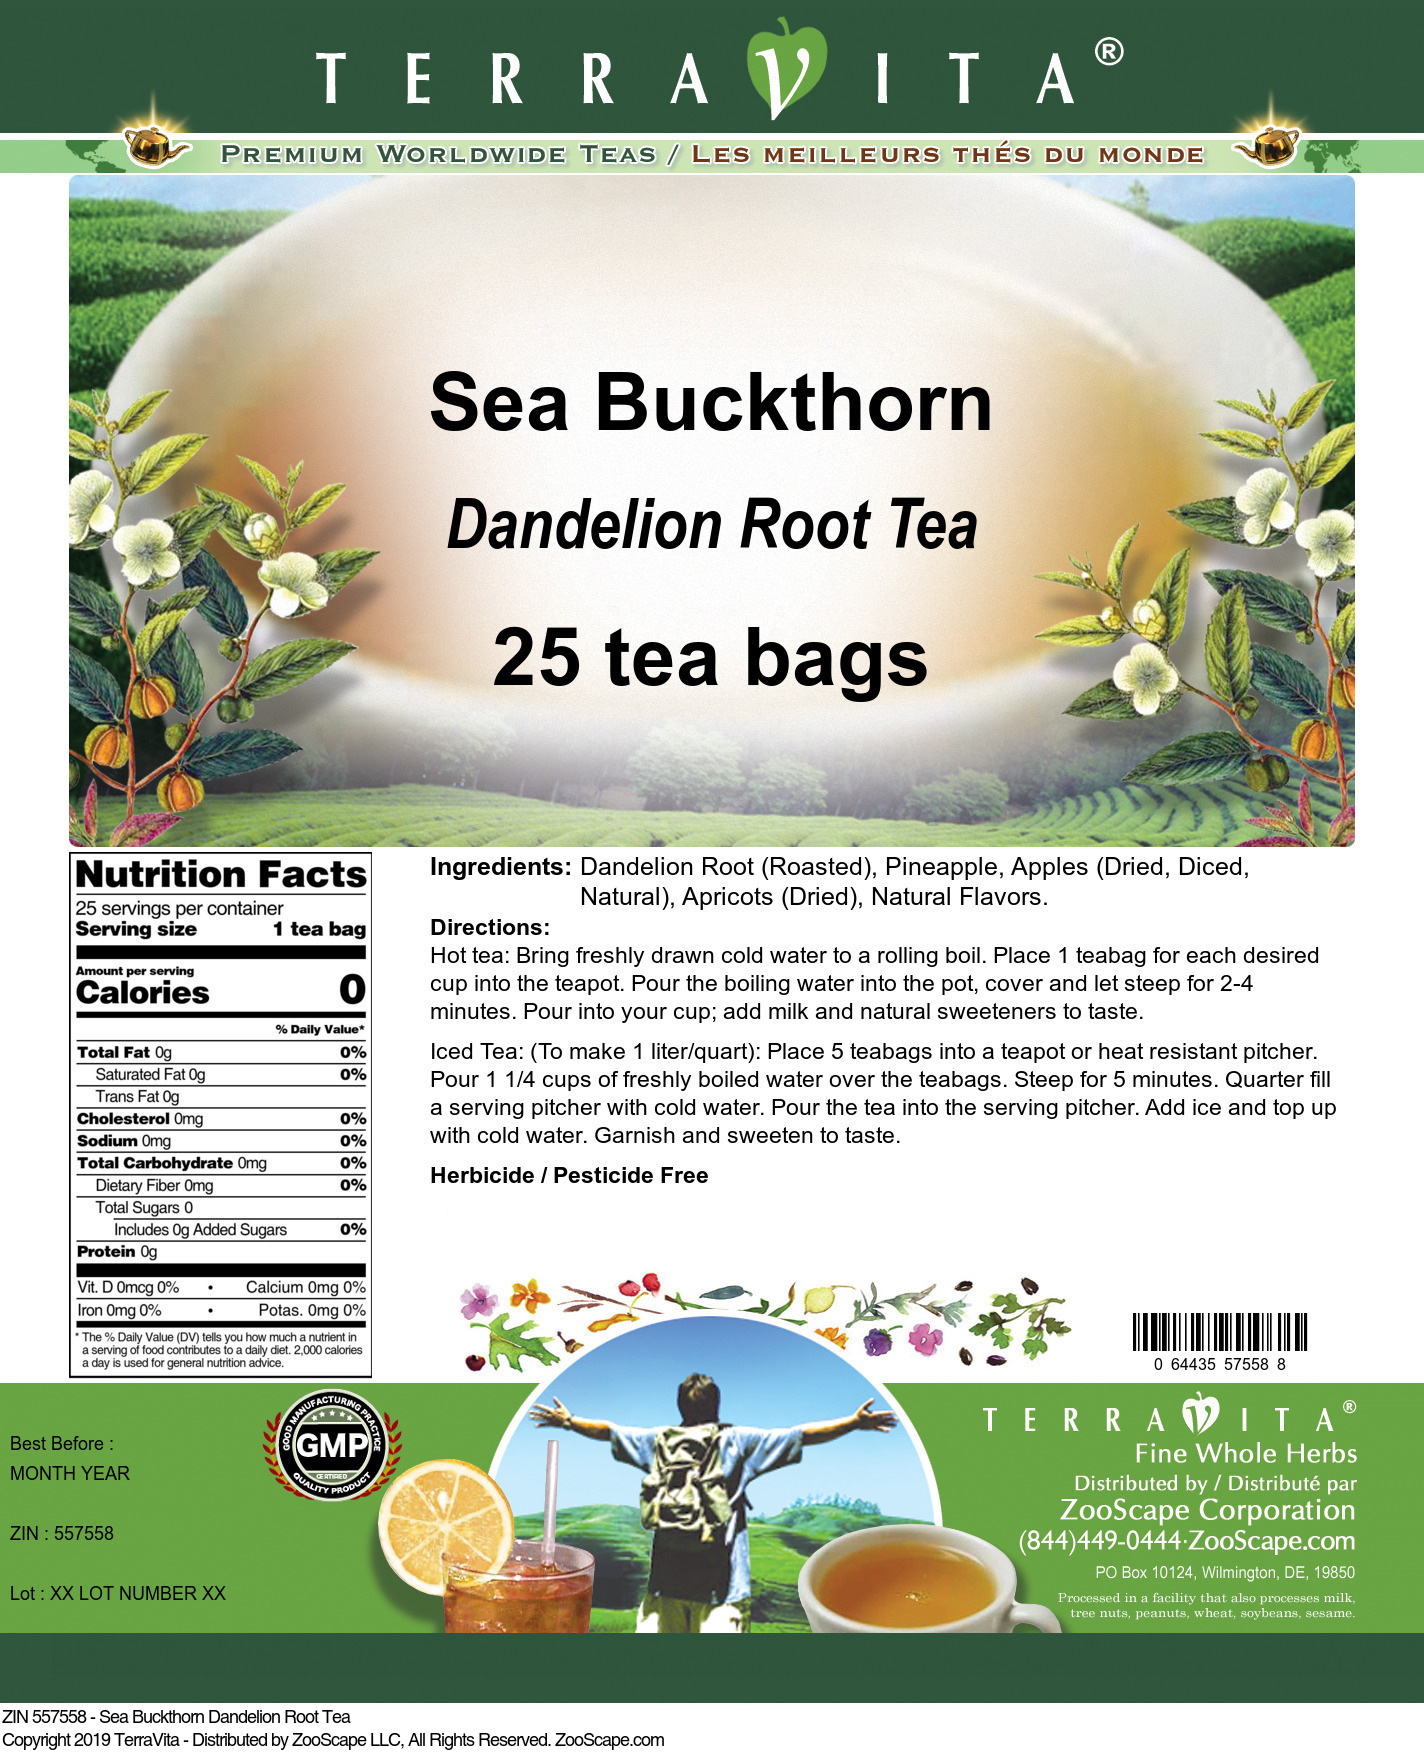 Sea Buckthorn Dandelion Root Tea